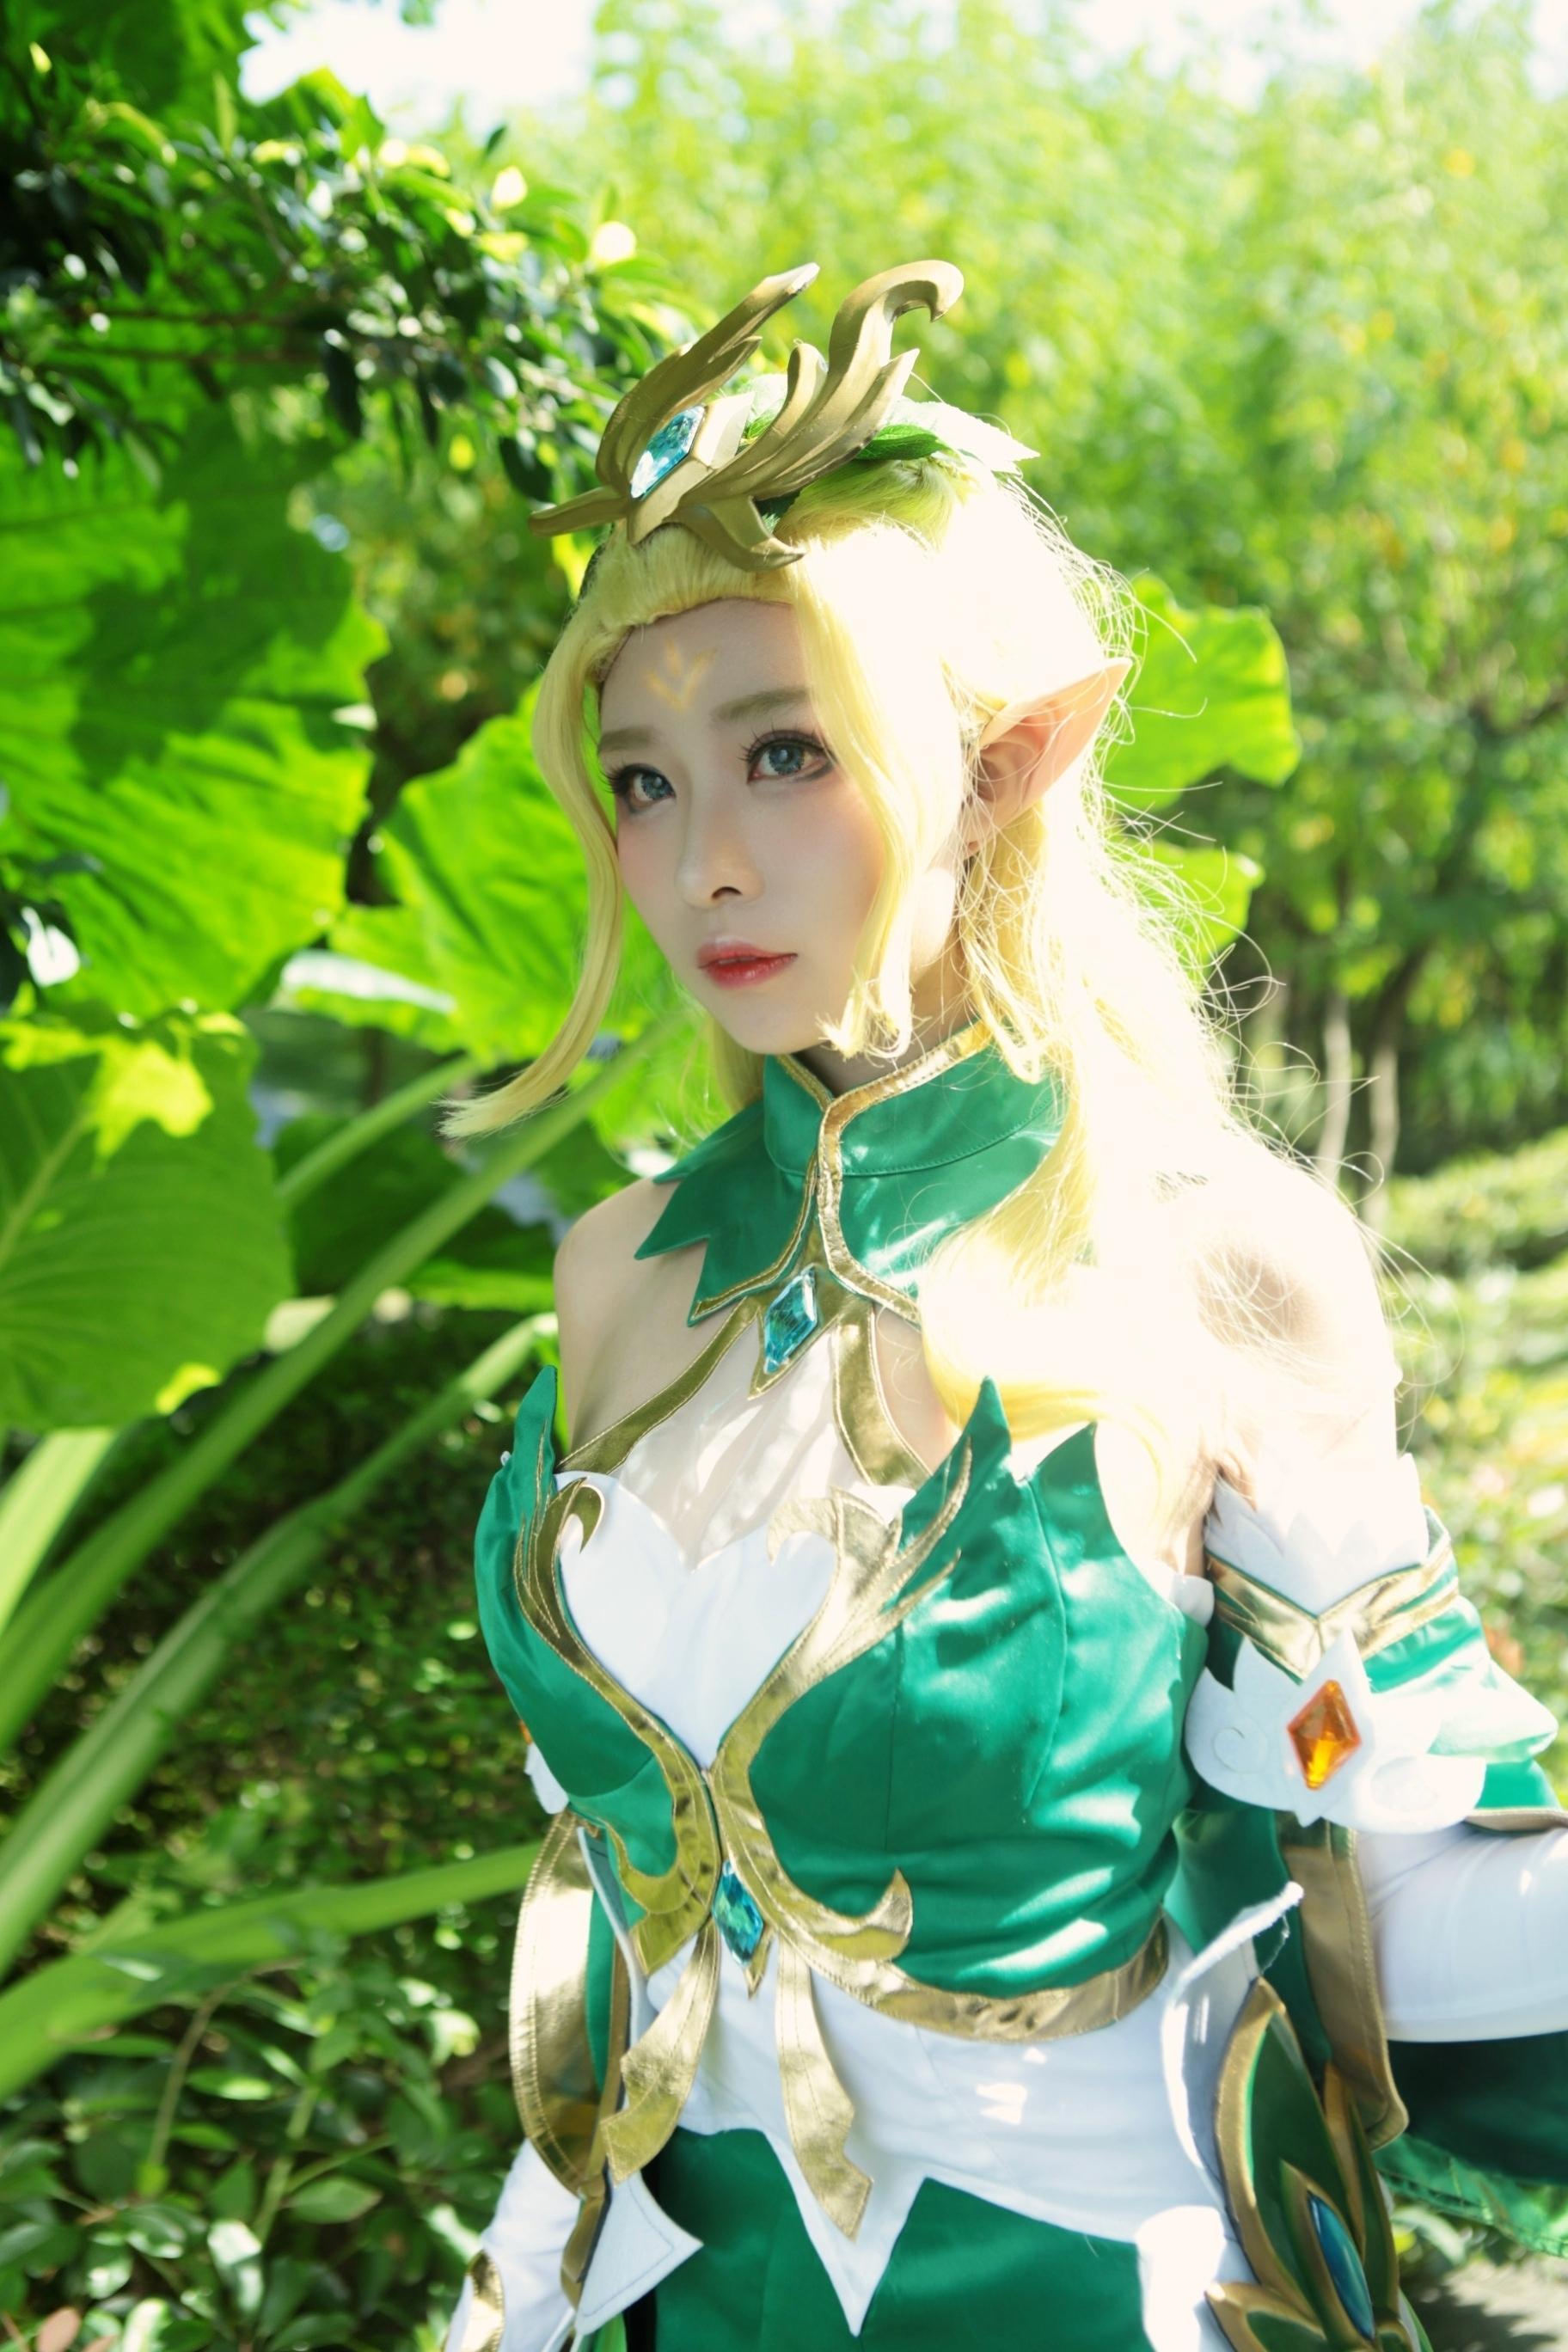 《王昭君》游戏cosplay【CN:顾影帘_Queen帘】-第1张